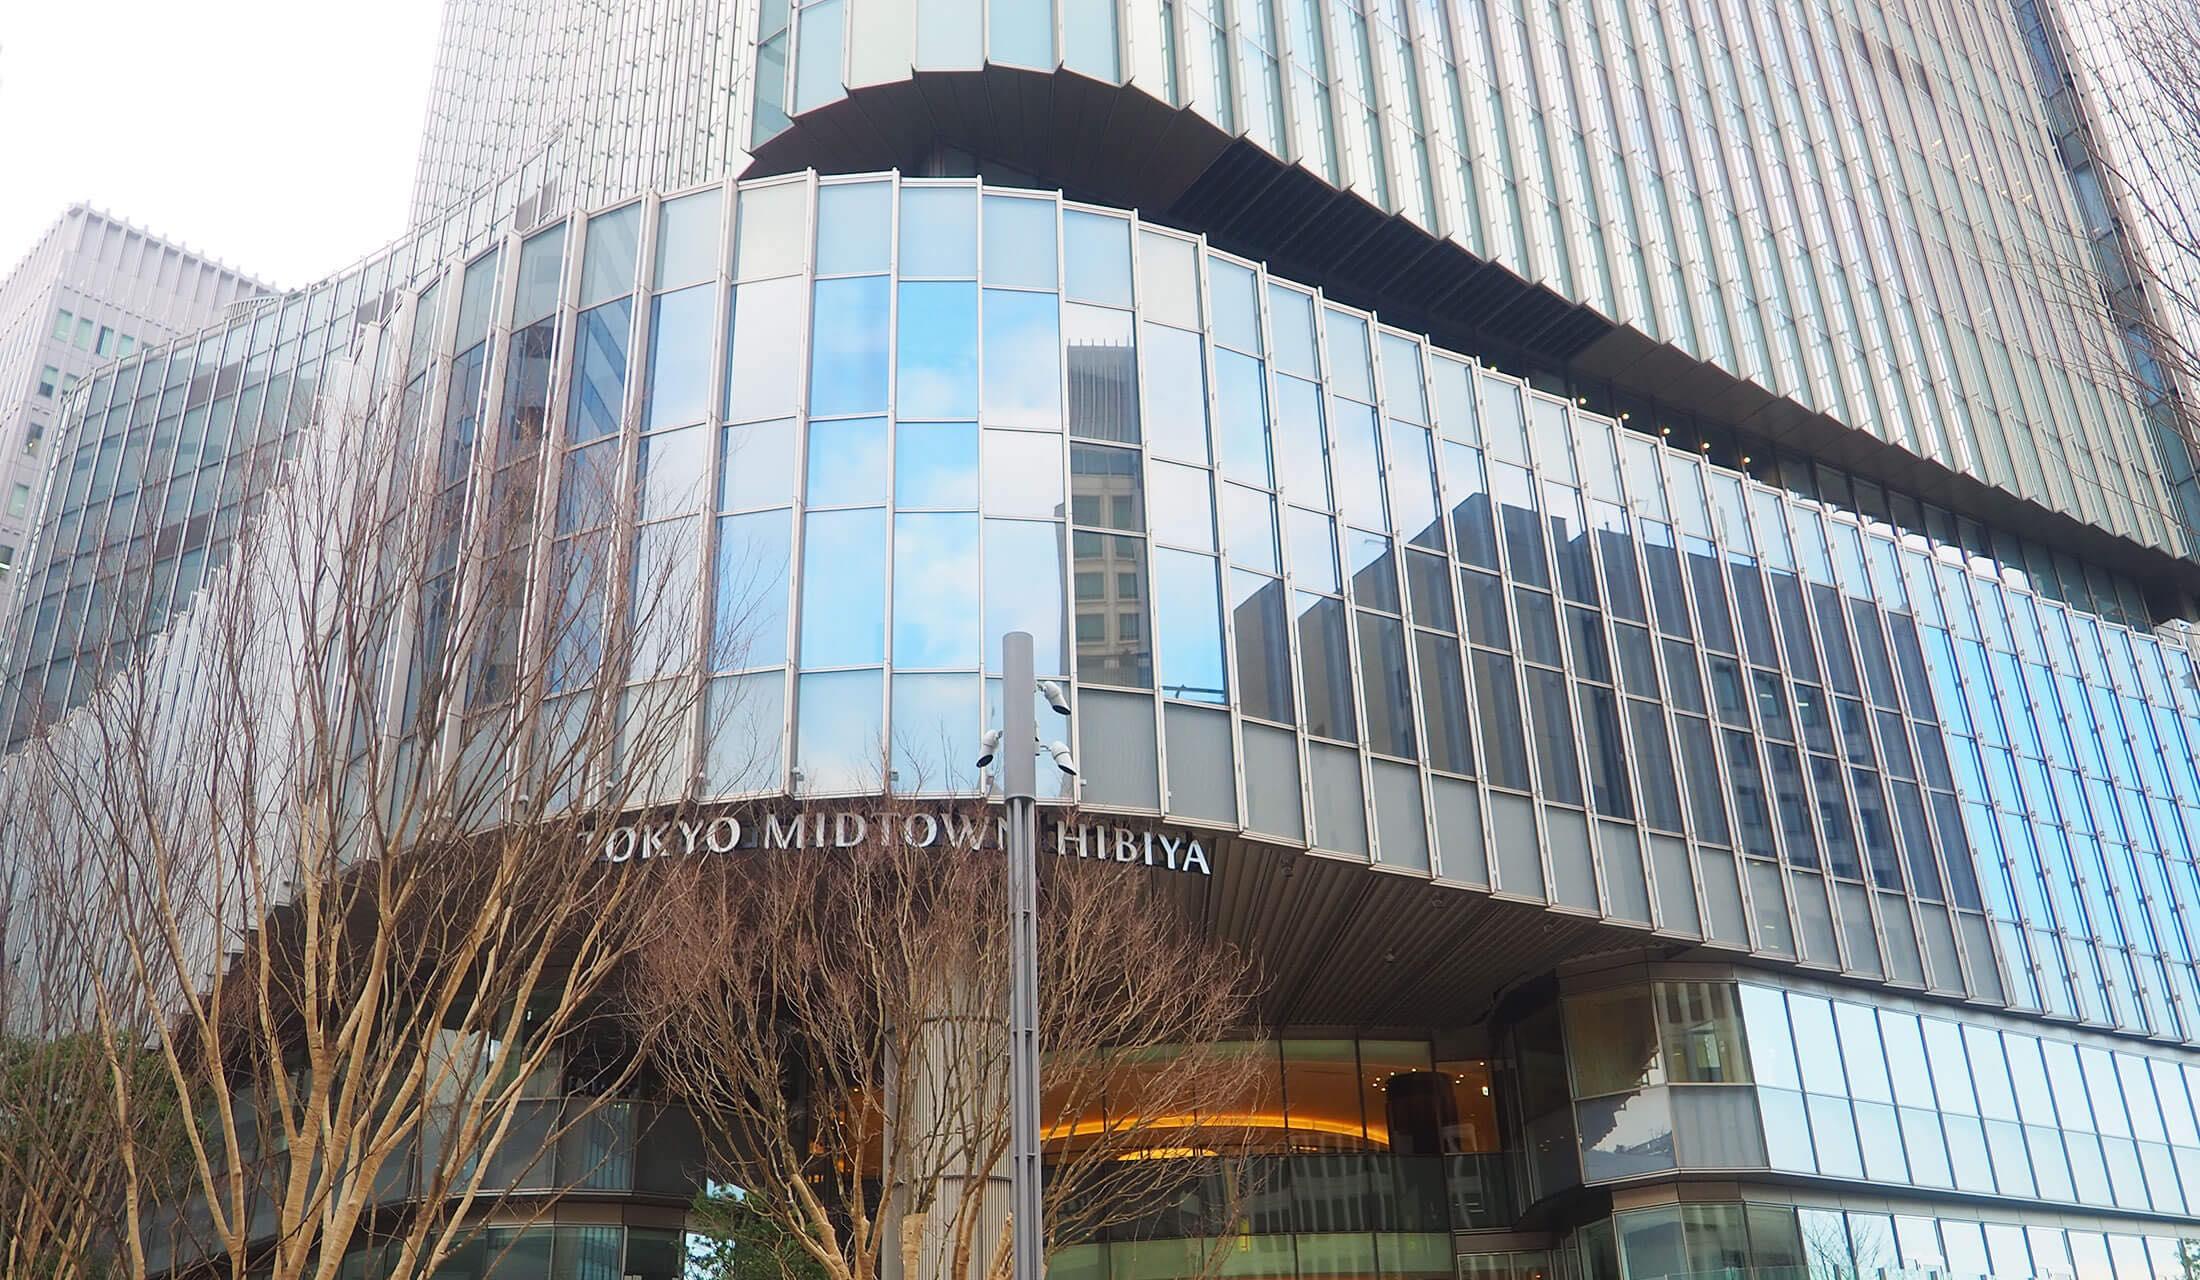 「東京ミッドタウン日比谷」の入り口外観